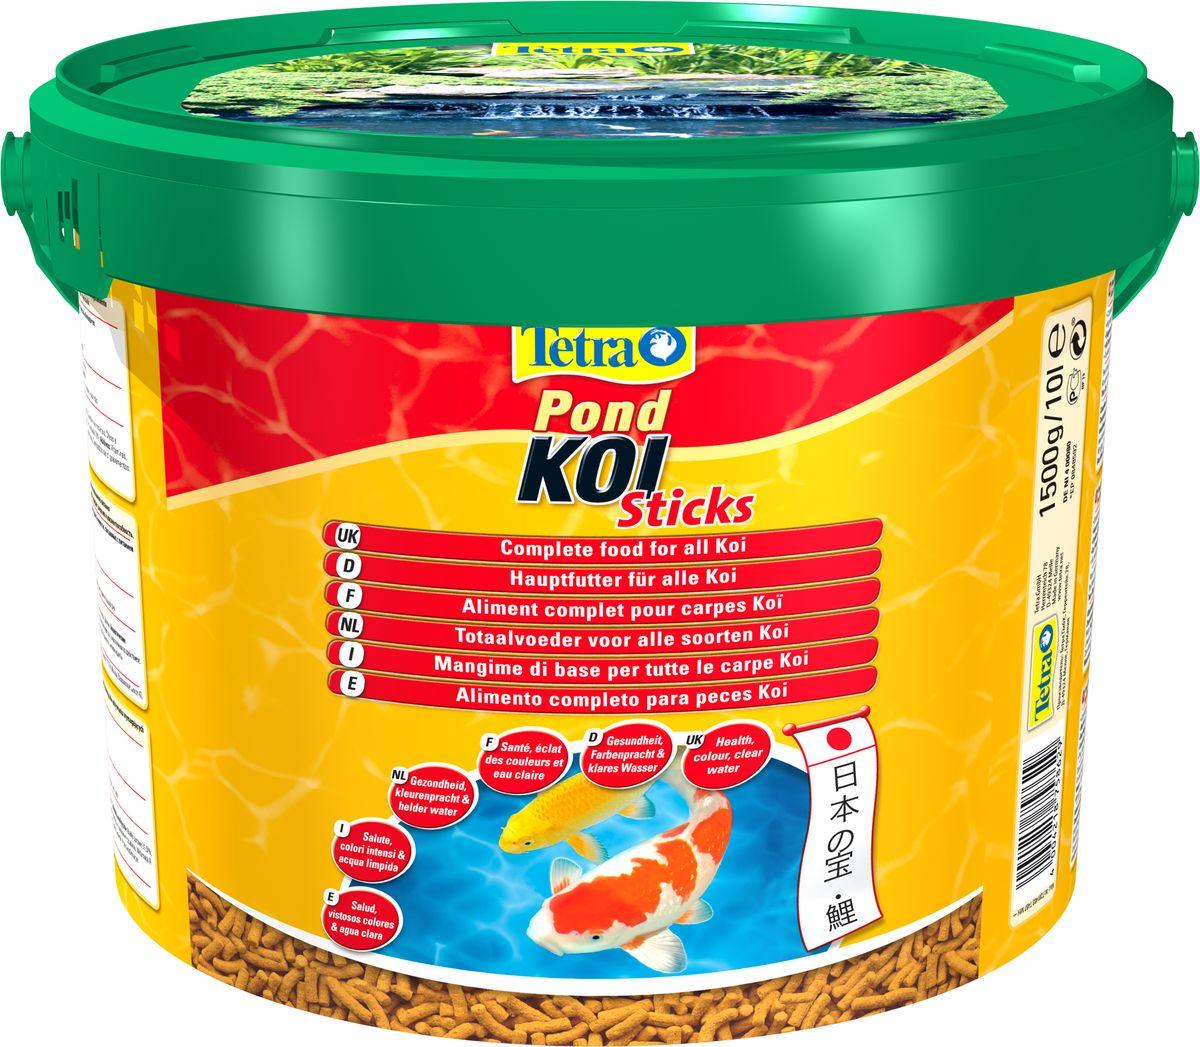 Корм сухой TetraPond Koi Sticks для всех видов рыб Кои, в виде палочек, 1,5 кг758629Корм премиум класса TetraPond Koi Sticks выполнен в виде палочек и предназначен для карпов Кои. Корм содержит все питательные вещества, витамины и микроэлементы, необходимые для предотвращения симптомов недостаточности, связанных с питанием. Высокое содержание белка, ненасыщенных жирных кислот обеспечивают жизненную активность и увеличение массы рыб. Благодаря натуральным усилителям цвета увеличивается интенсивность проявления окраса. Идеален в создании необходимых запасов для быстрого пробуждения рыб весной. Состав: растительные продукты, зерновые культуры, экстракты растительного белка, рыба и побочные рыбные продукты, минеральные вещества, масла и жиры, дрожжи. Аналитические компоненты: сырой белок 31%, сырые масла и жиры 5%, сырая клетчатка 2%, содержание влаги 7% Добавки: витамины, провитамины и химические вещества с аналогичным воздействием: витамин А - 28800 МЕ/кг, витамин Д3 - 1800 МЕ/кг. Вес упаковки: 1,5 кг. Товар...